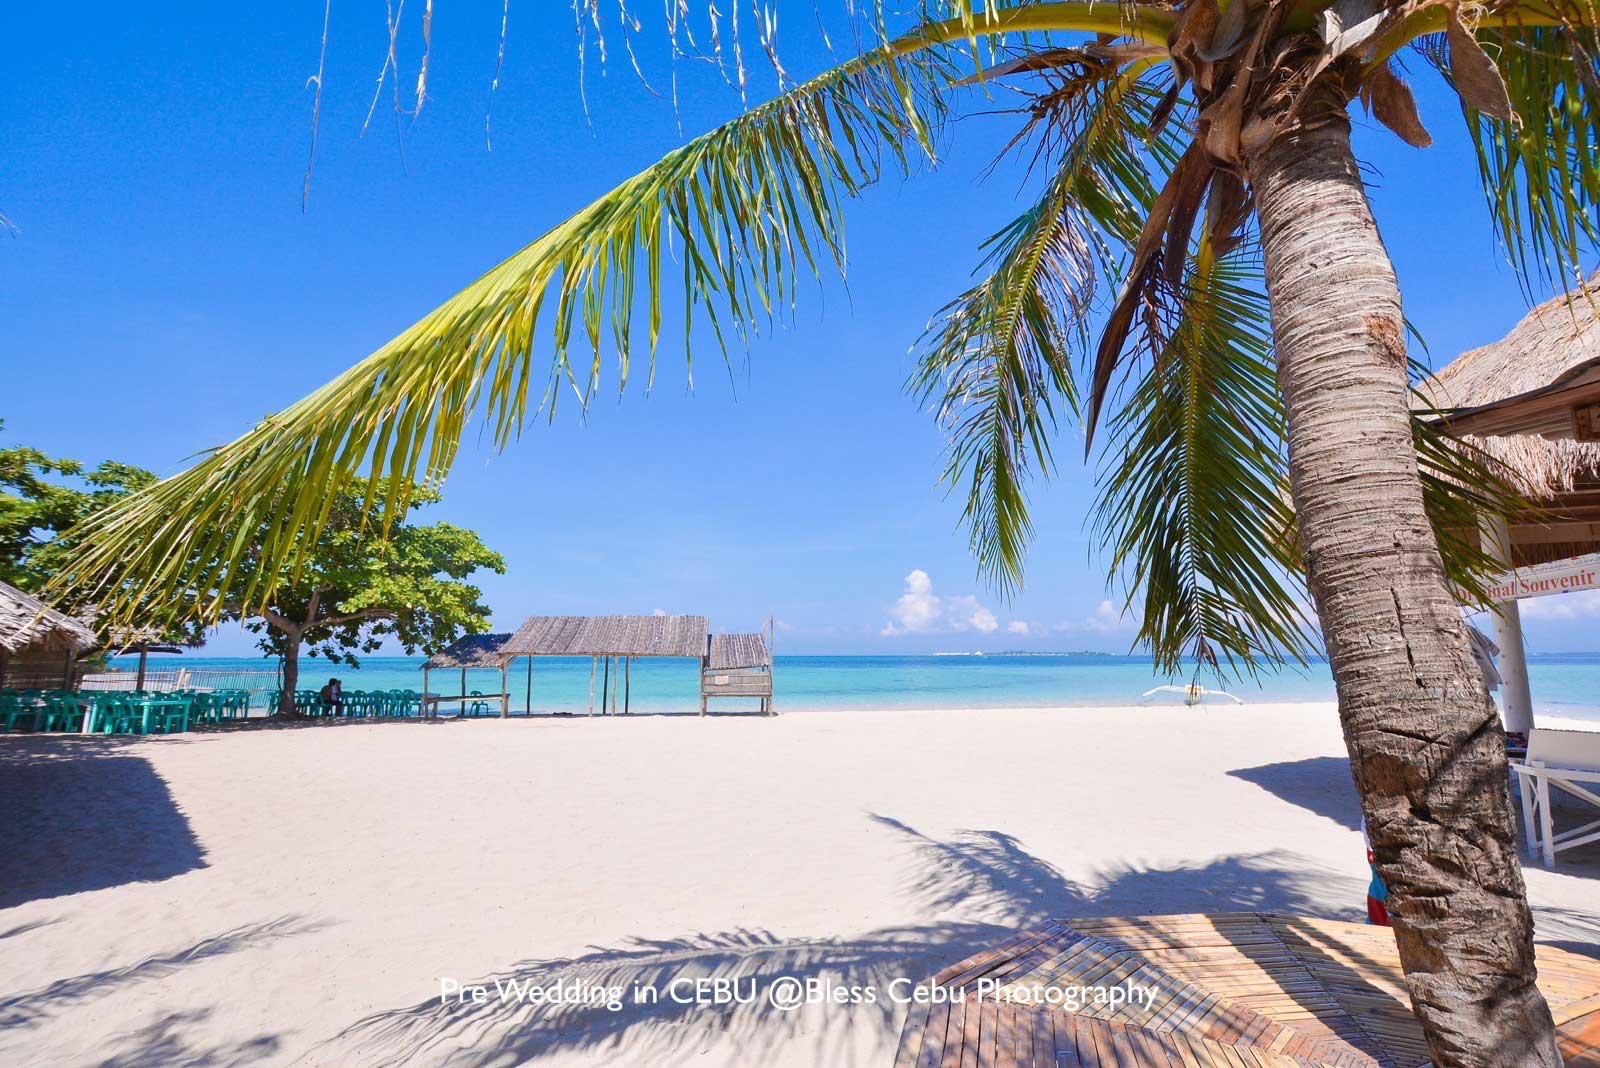 撮影ロケーションのひとつ、カオハガン島のビーチ